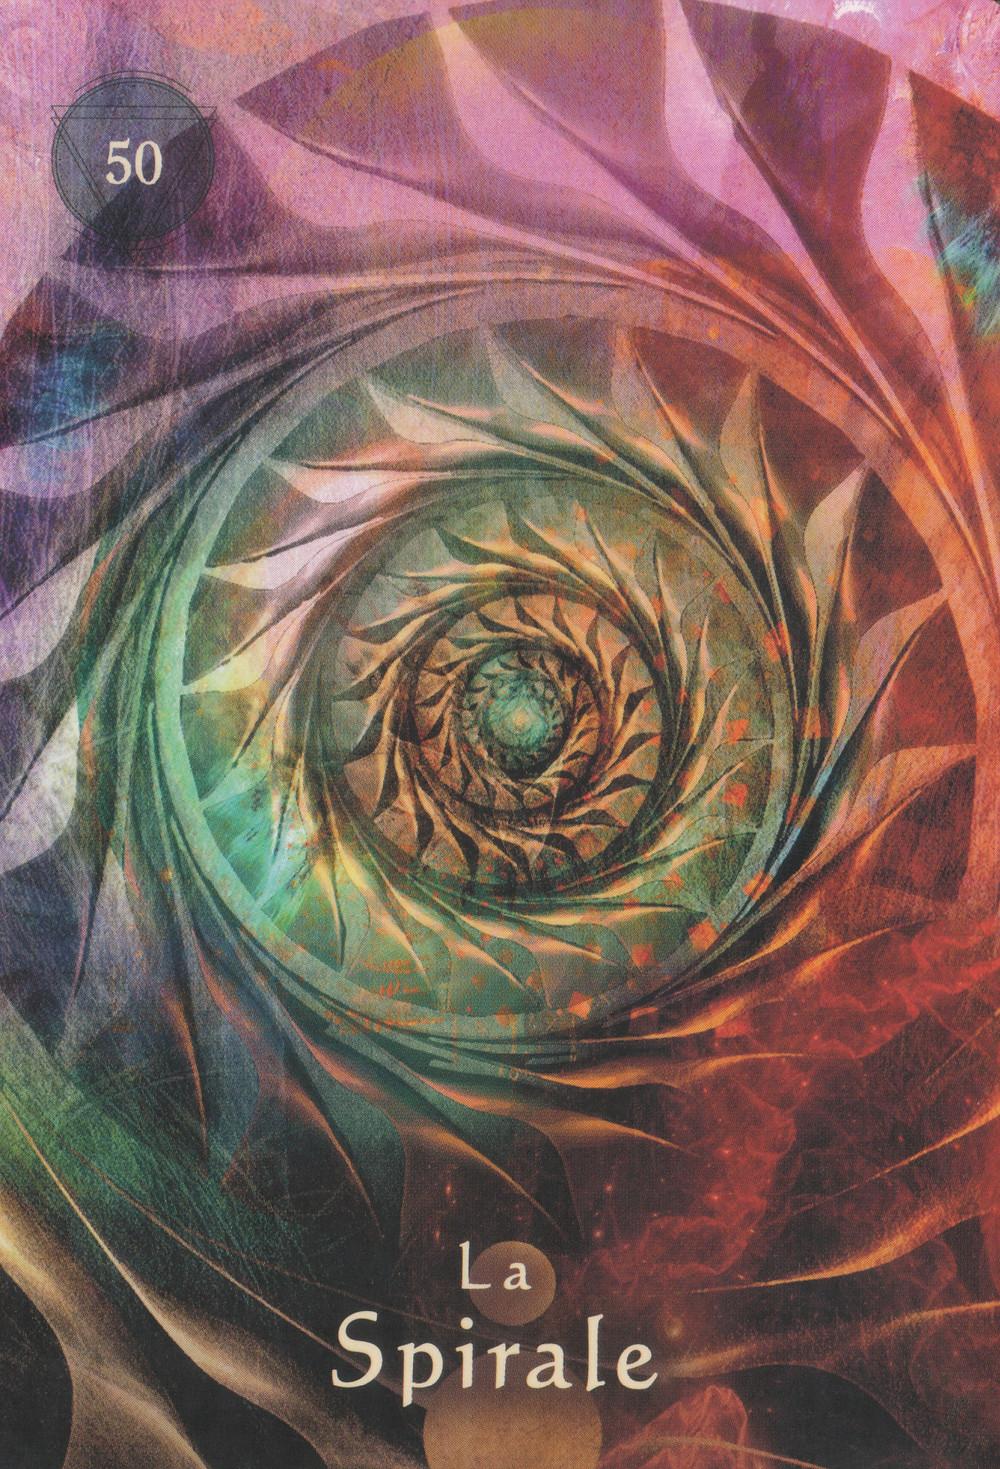 Carte de L'Oracle du Chaman Mystique d'A. Villoldo, C. Baron-Reid et M. Lobos - 50 - La Spirale - Energies du 27 avril au 3 mai 2020: L'heure du bilan : Révélations et choix d'une nouvelle direction